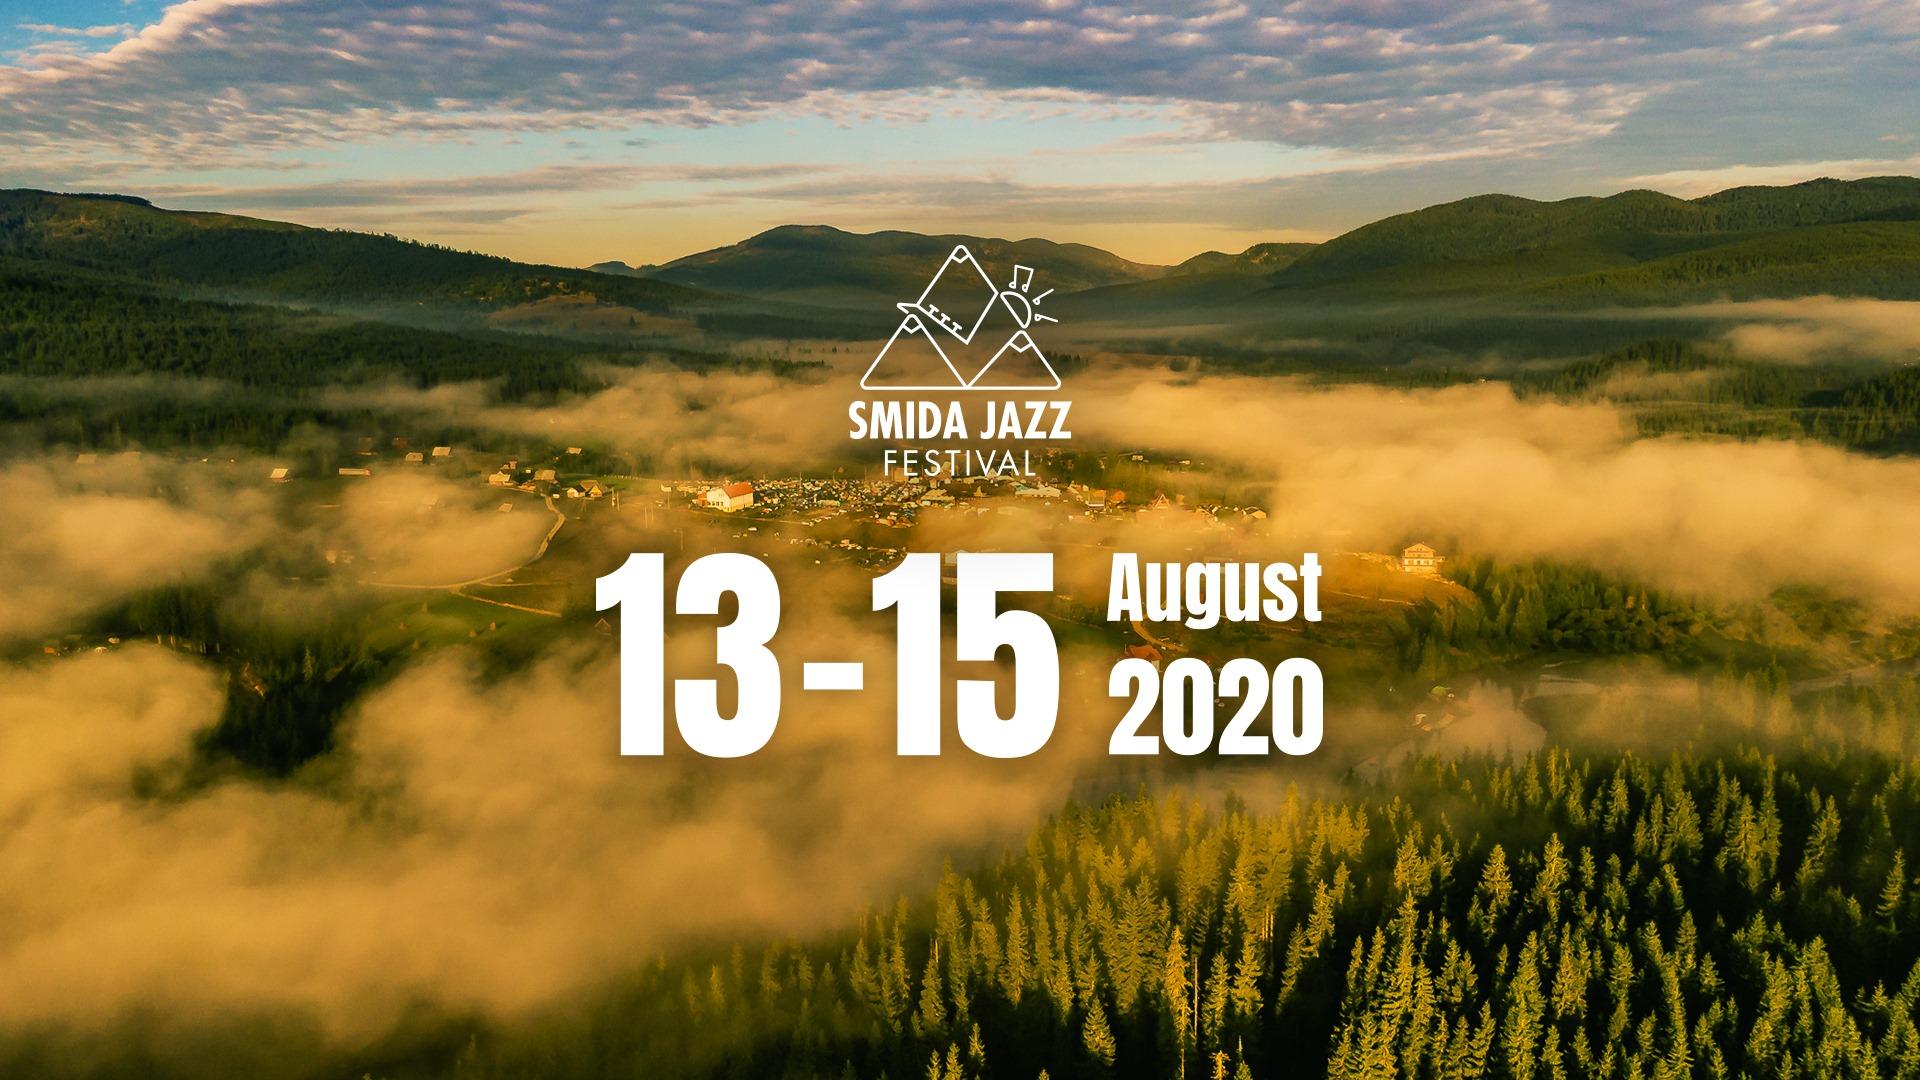 Smida Jazz Festival 2020 Cluj